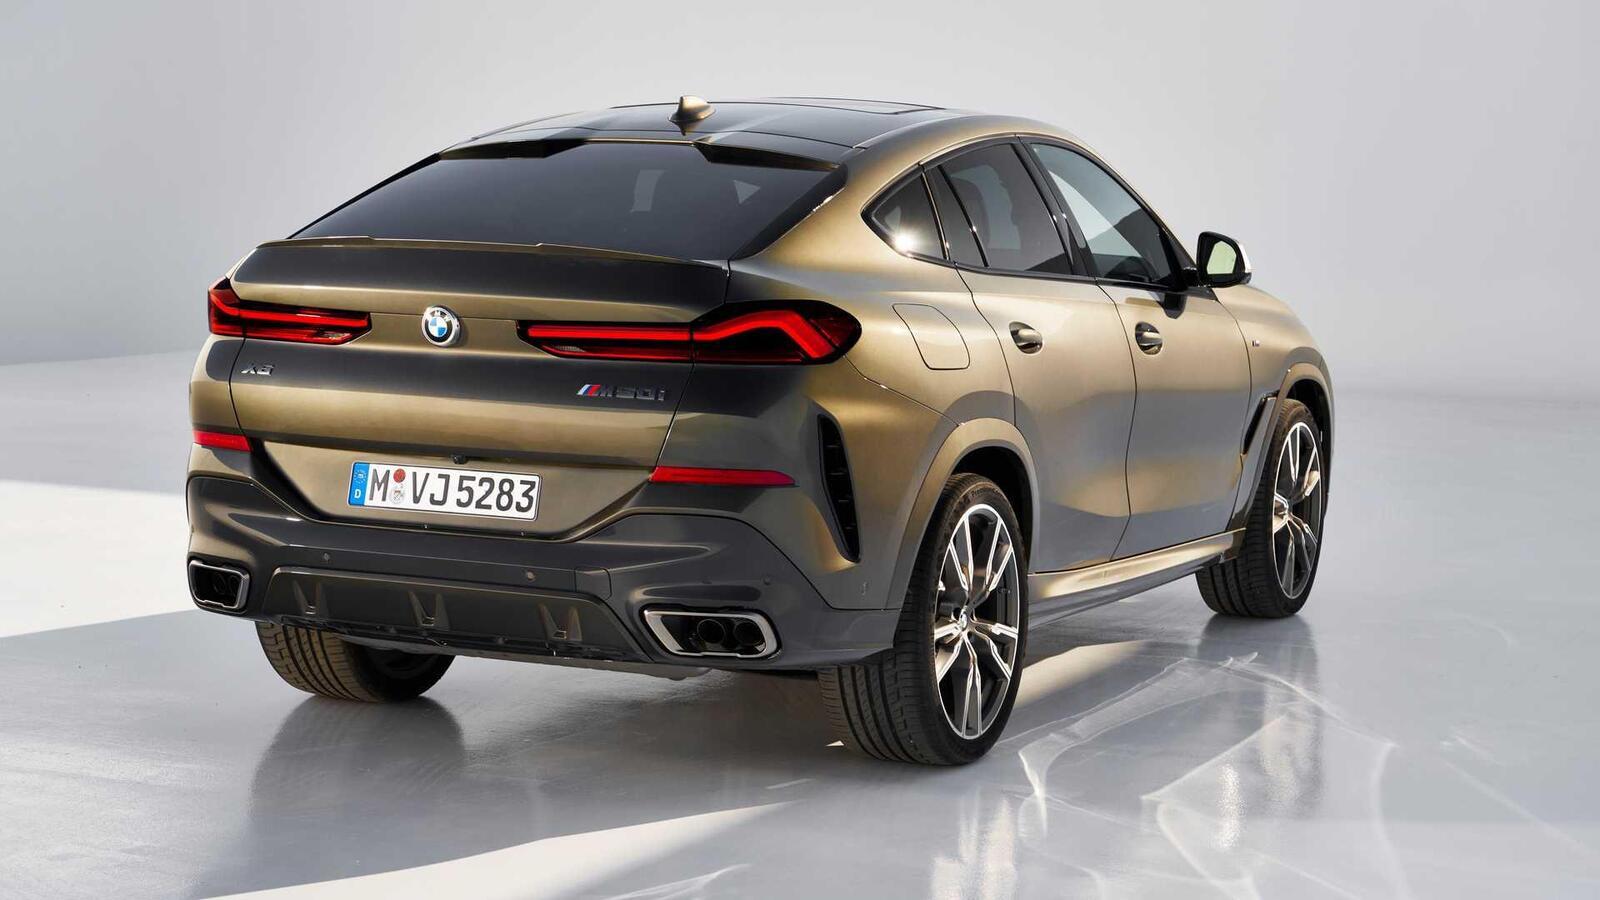 Thế hệ mới BMW X6 2020 chính thức ra mắt - Hình 10